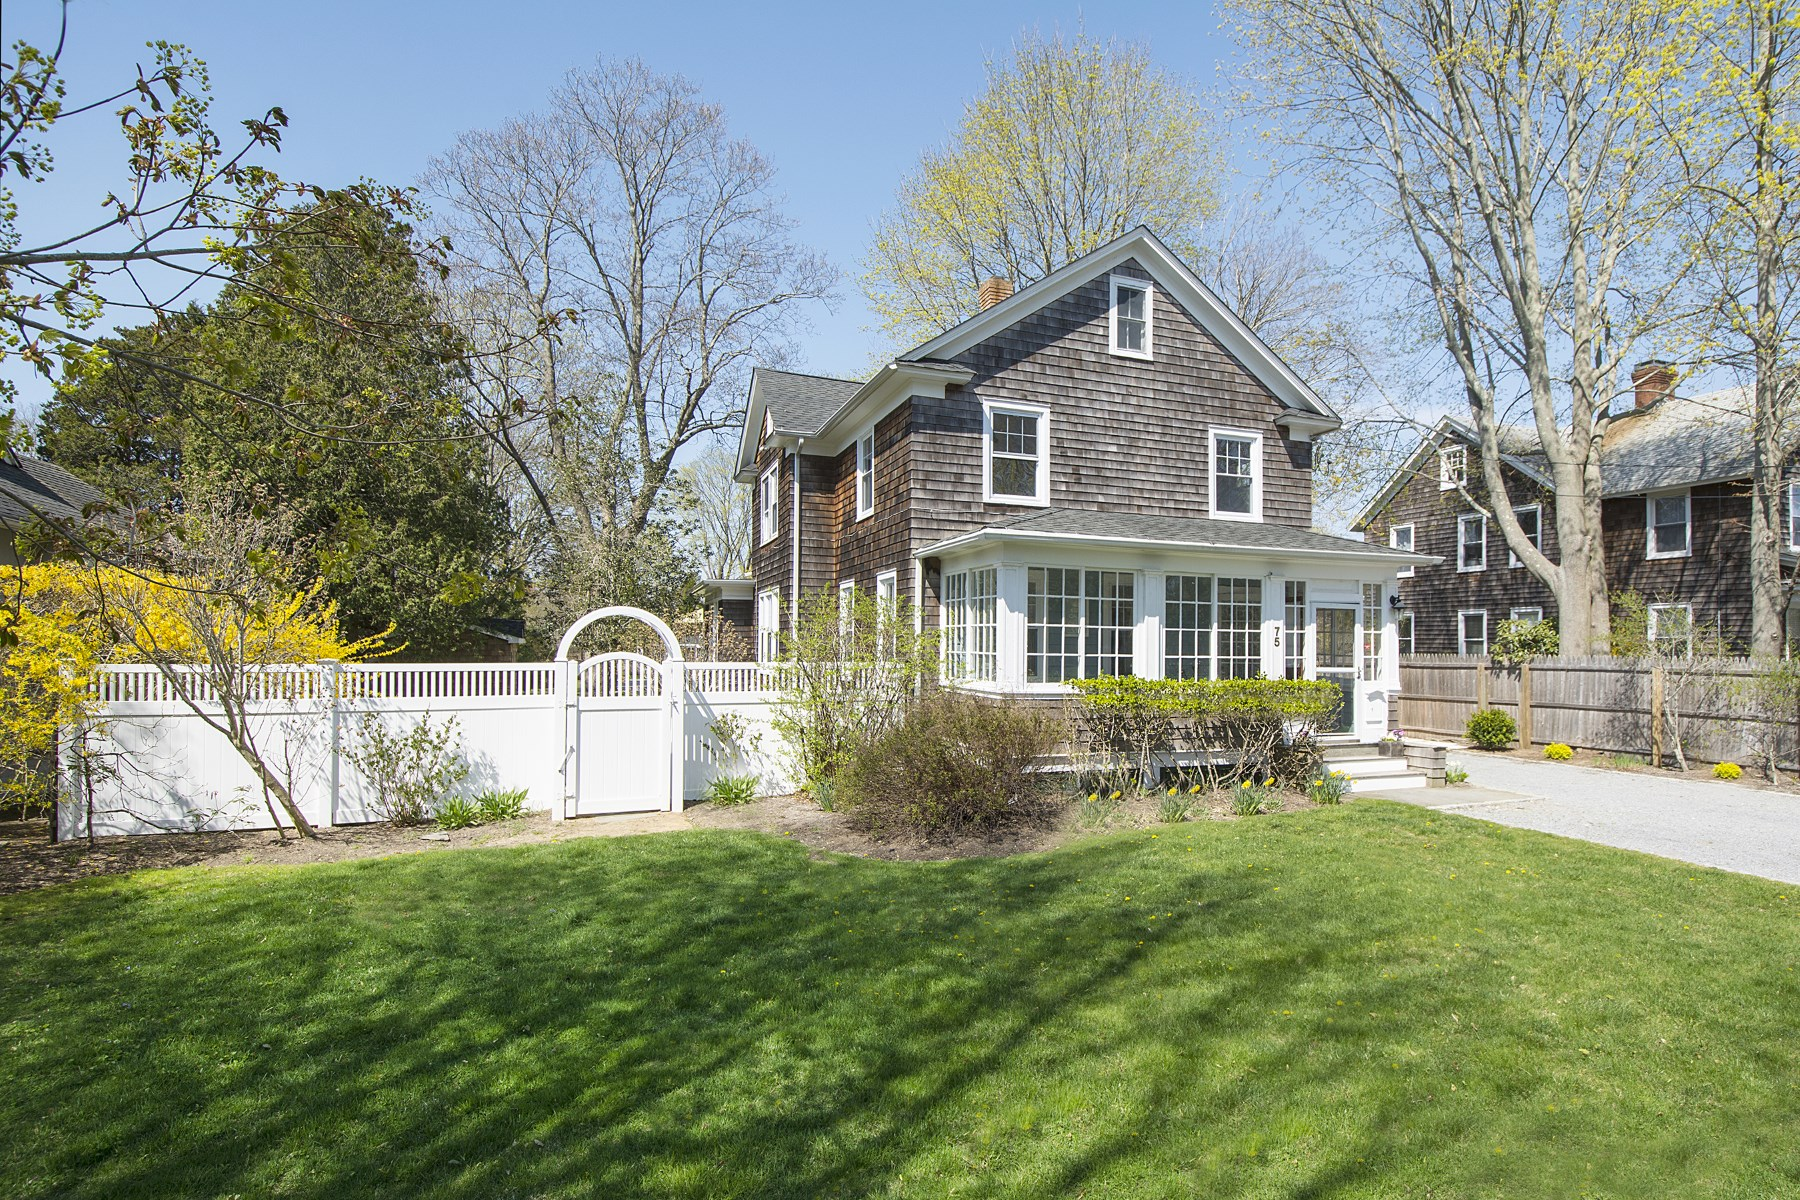 Частный односемейный дом для того Продажа на Southampton Village Classic Southampton, Нью-Йорк 11968 Соединенные Штаты